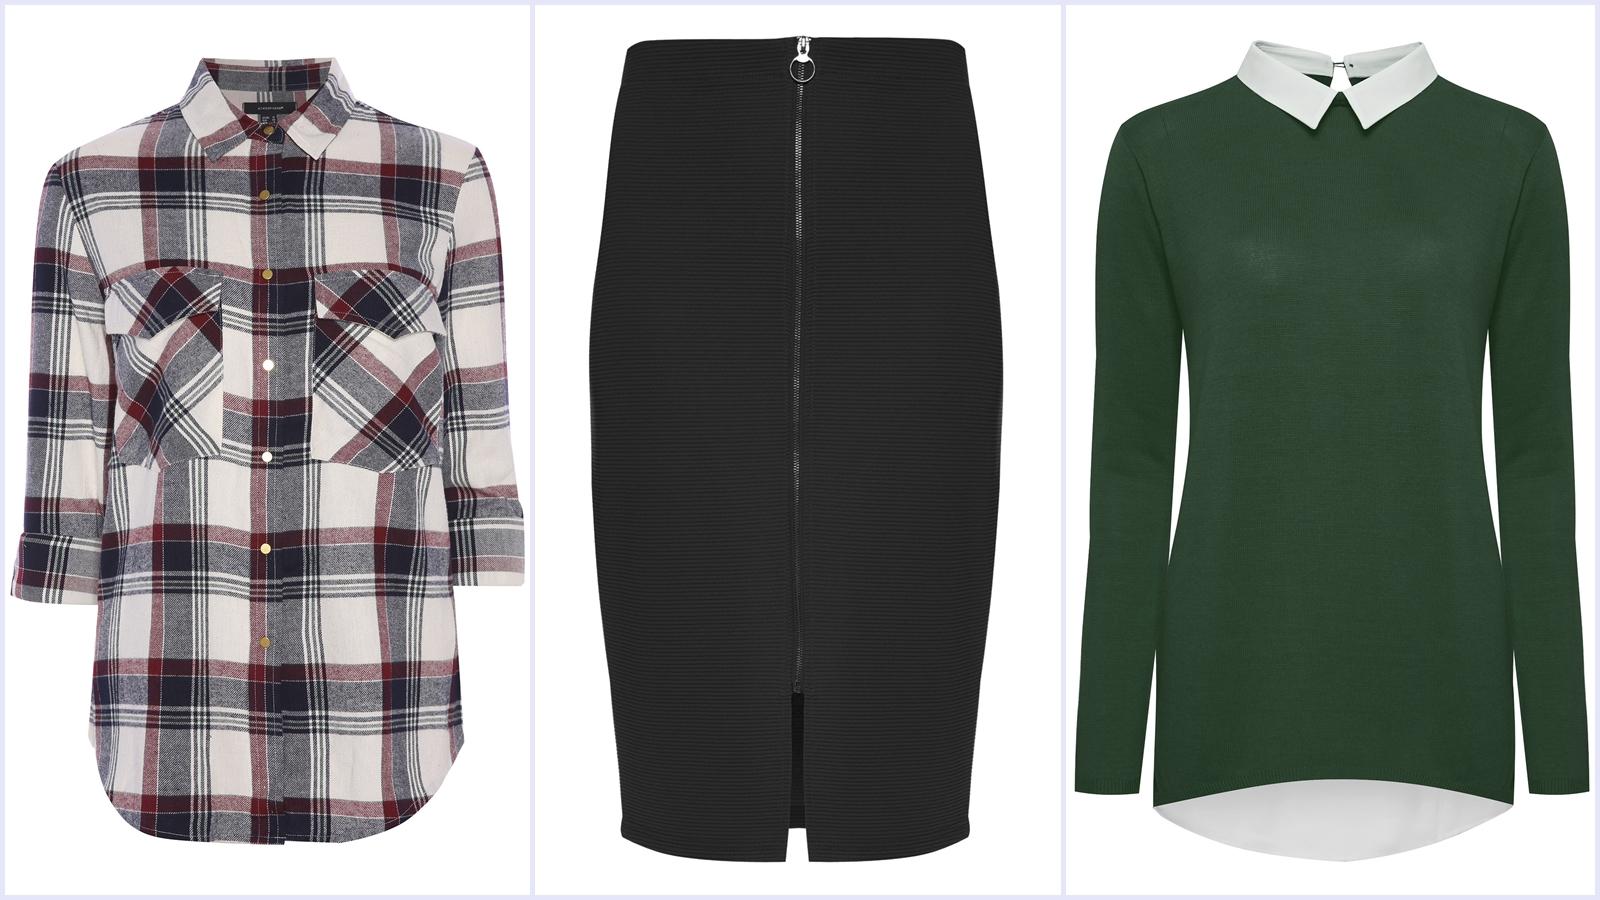 Favoritos de primark wishlist gabby sweetstyle - Primark ropa de cama ...